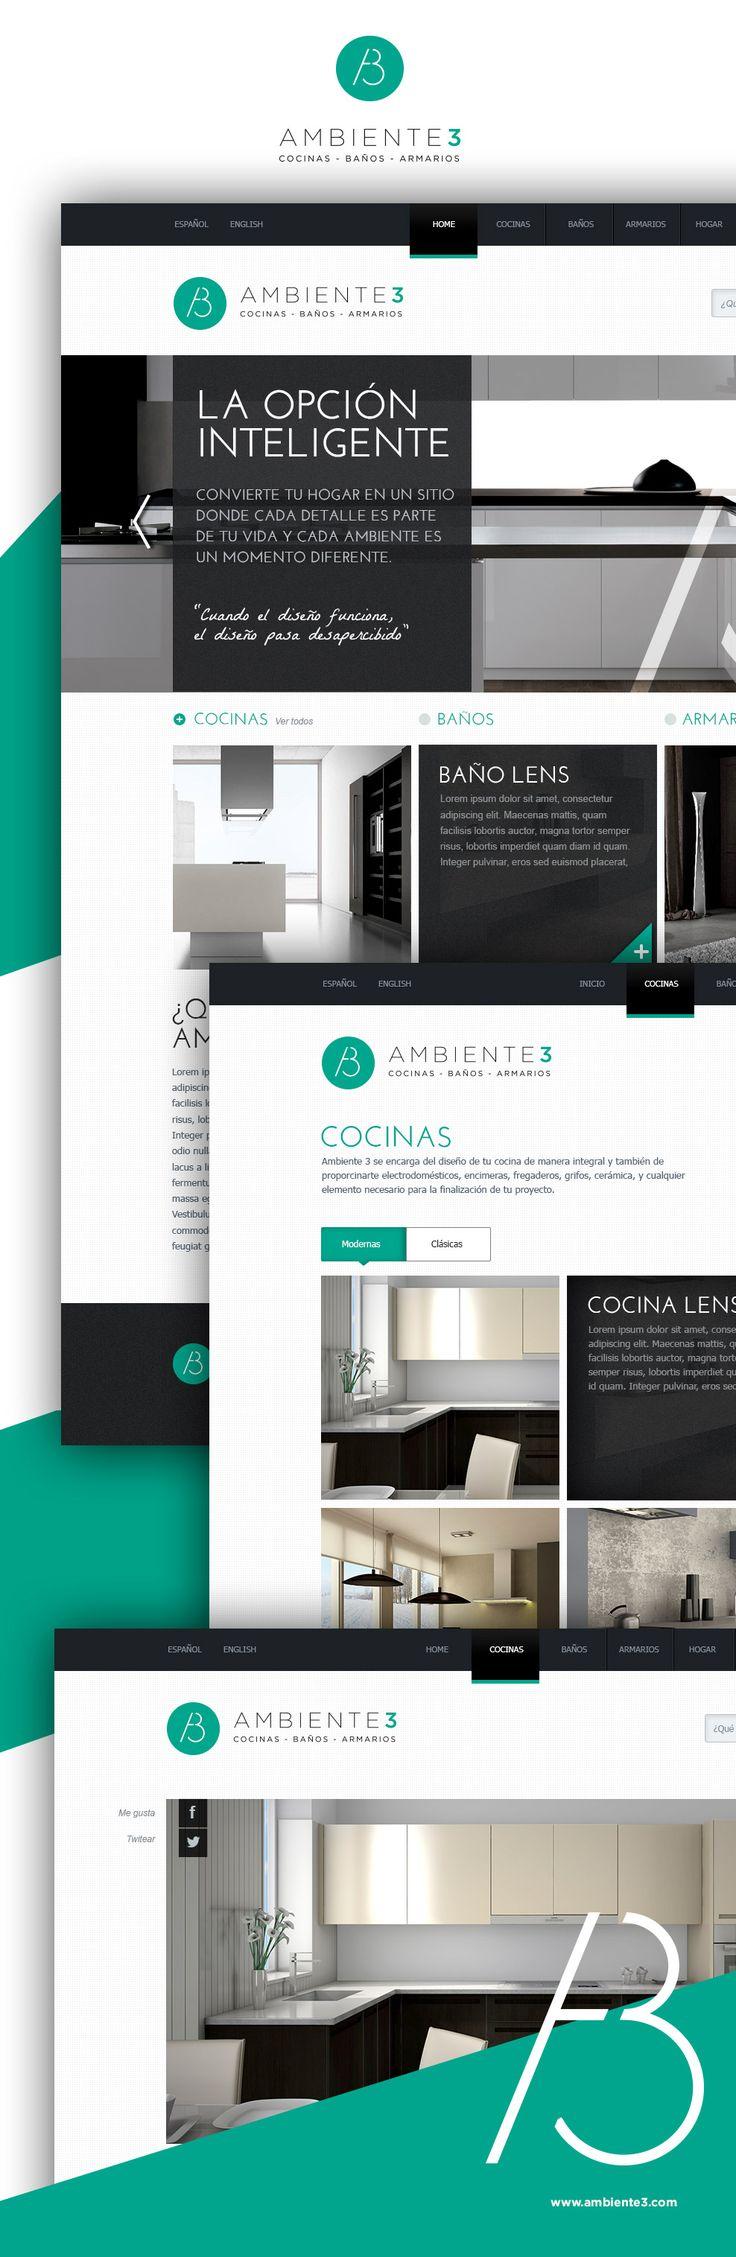 Diseño de marca y desarrollo de web con el catálogo de productos para empresa dedicada al mobiliario y decoración interiro de alta calidad